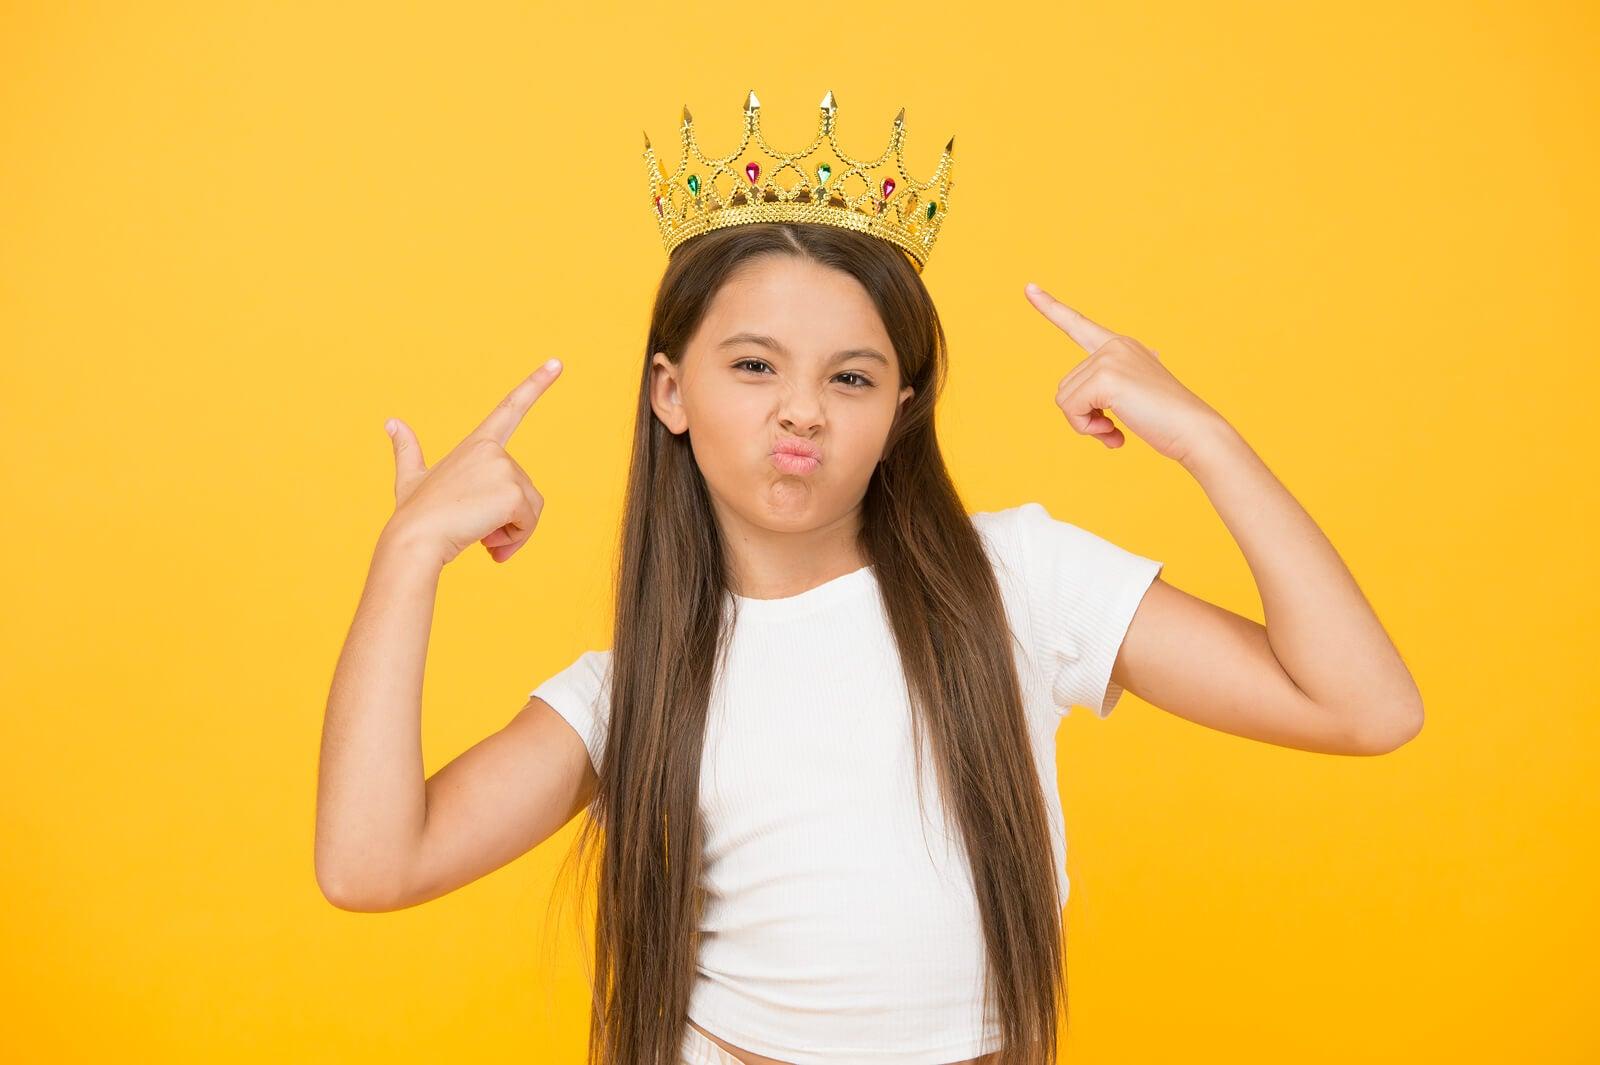 Niña con una corona en la cabeza mostrando su egocentrismo.